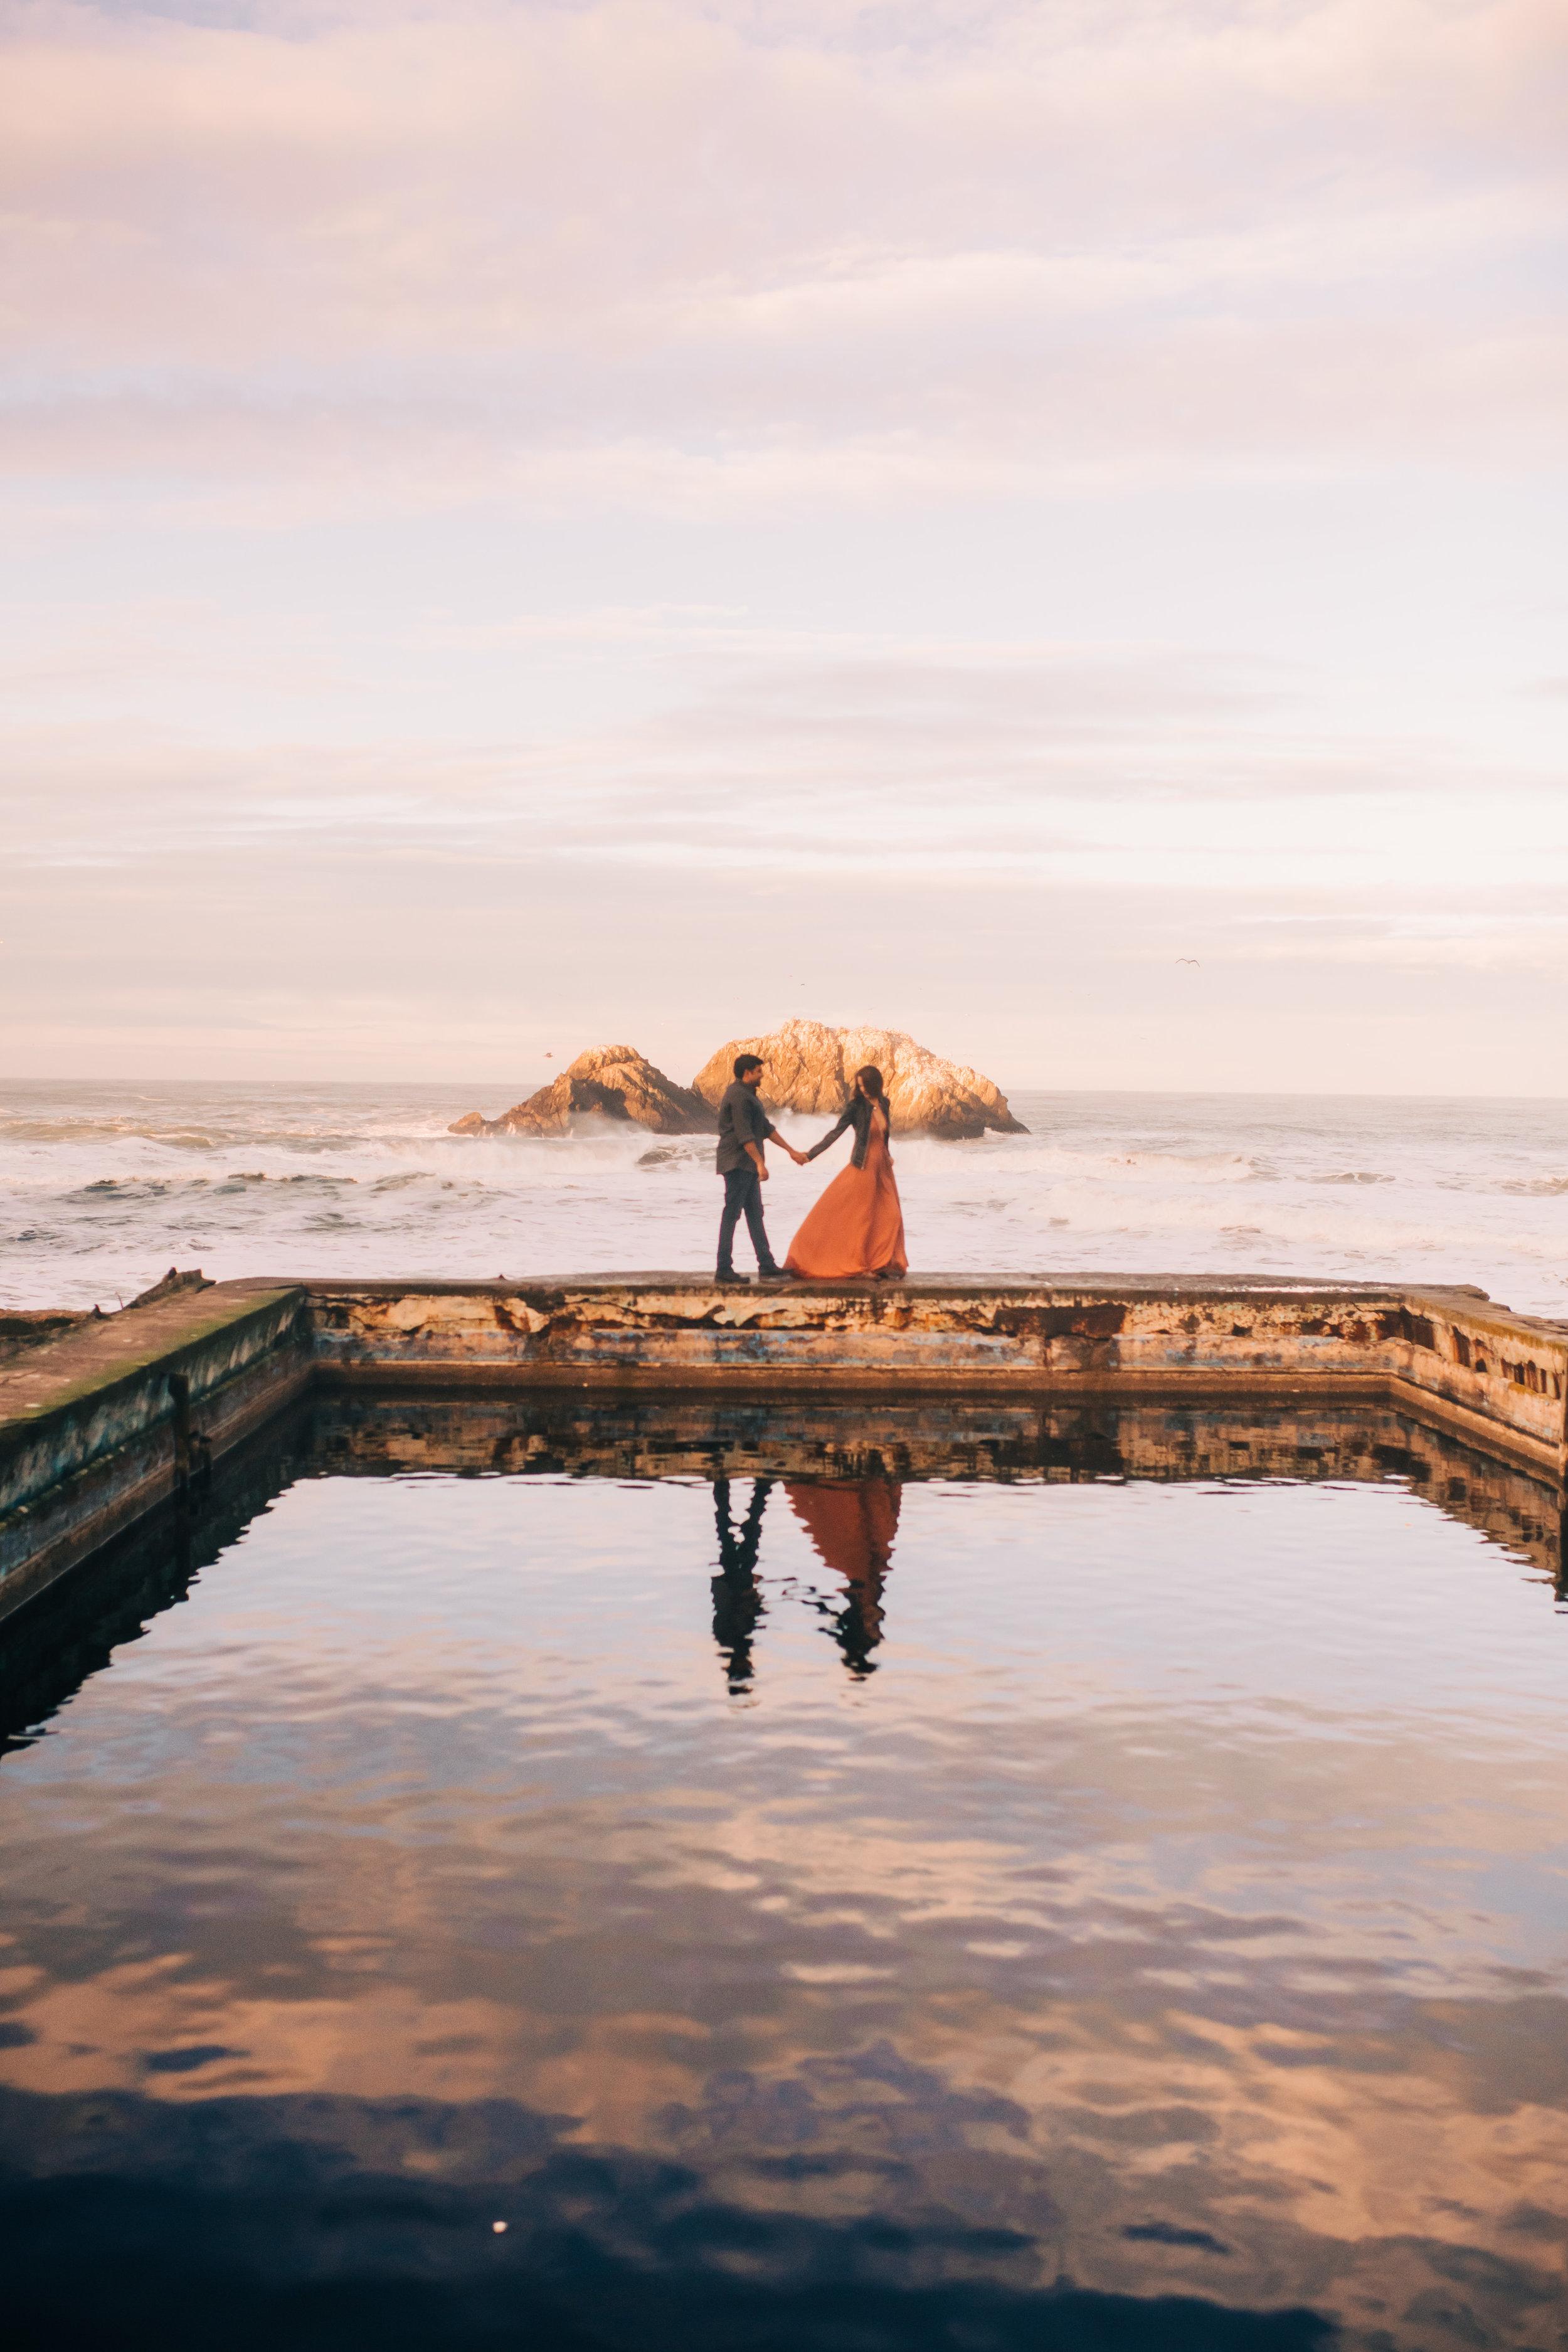 san francisco oakland bay area california sf yosemite sutro baths lands end sf  nontraditional wedding photographer -215.jpg